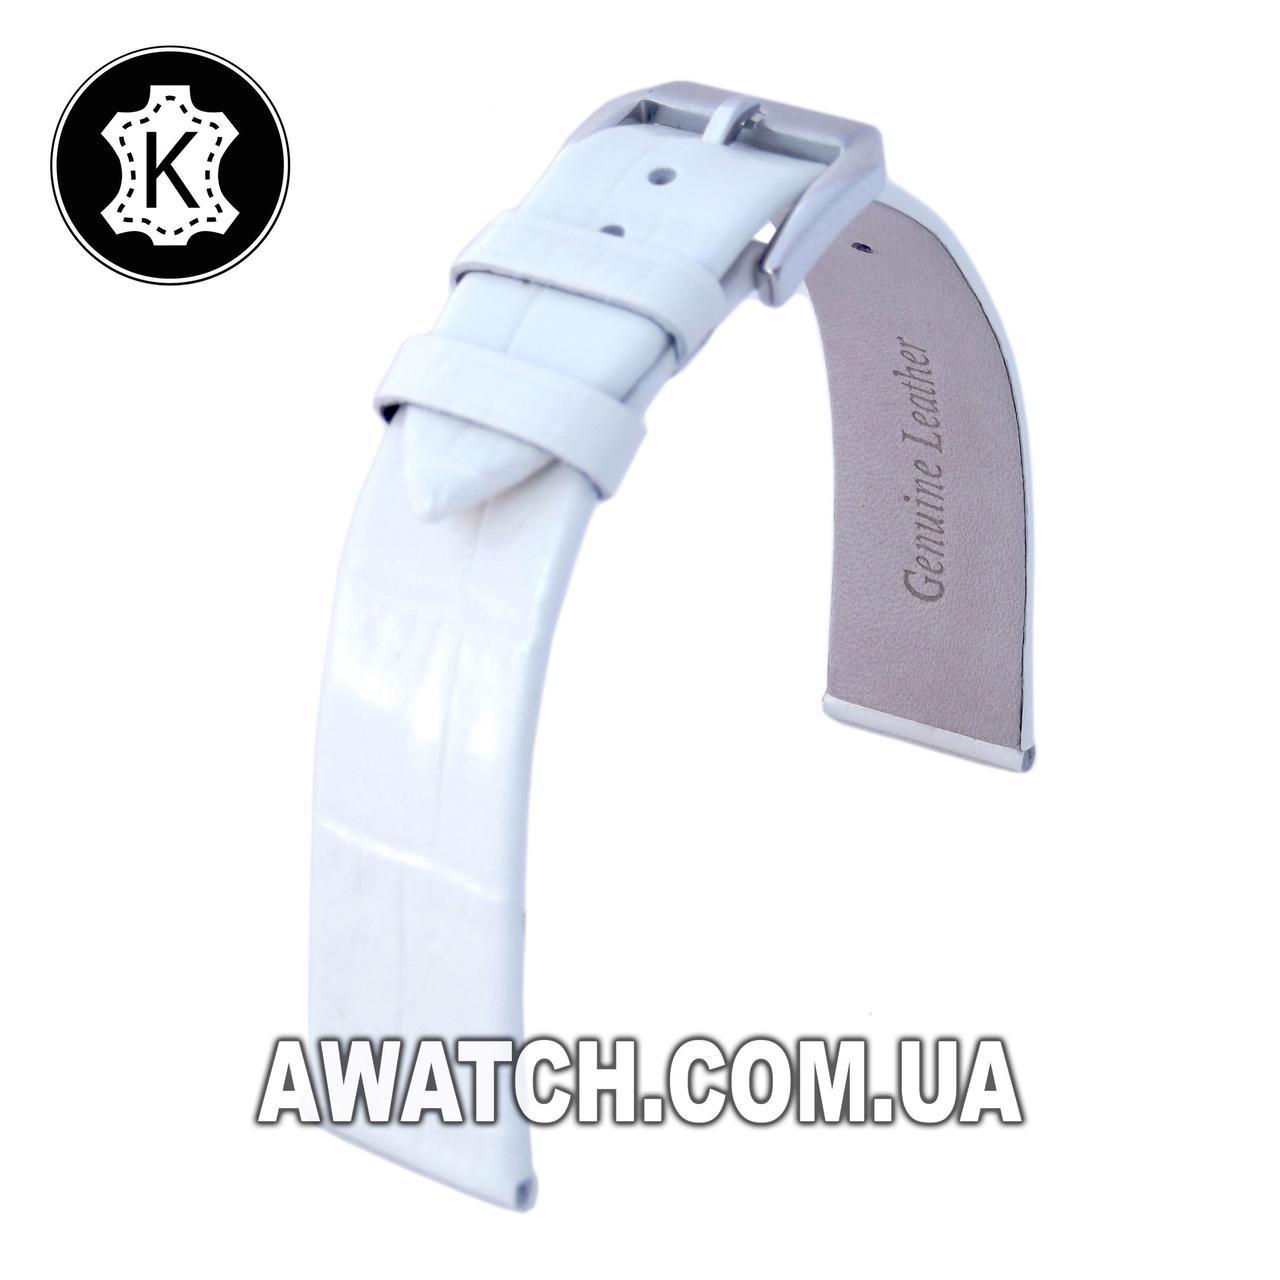 Ремінець шкіряний Catfskin для наручних годинників з класичною застібкою, білий, 14 мм